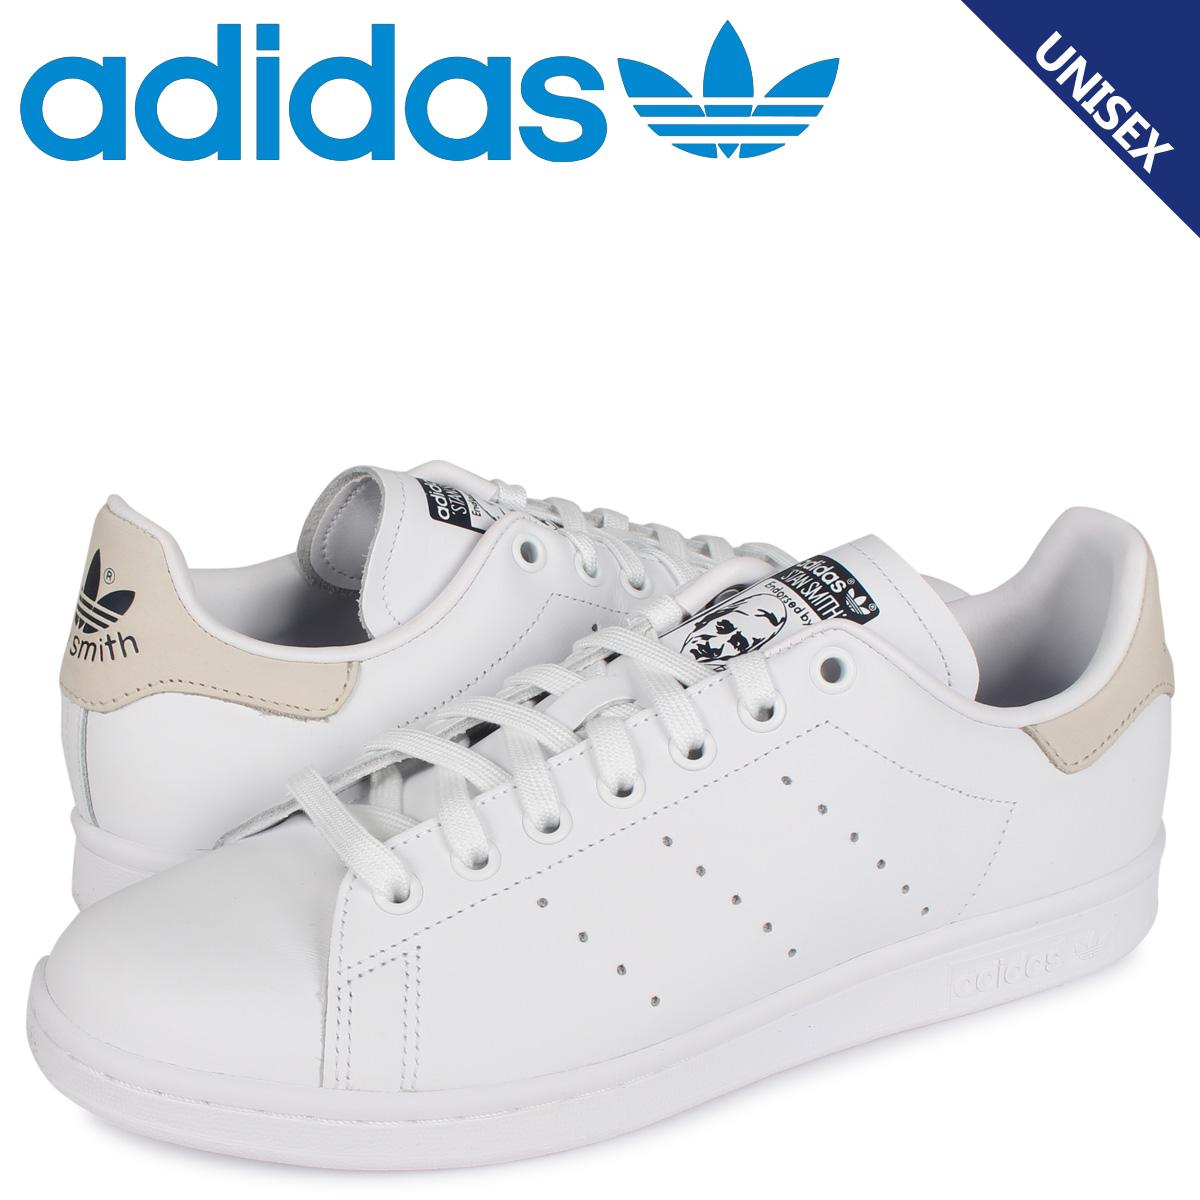 アディダス オリジナルス adidas Originals スタンスミス スニーカー メンズ レディース STAN SMITH ホワイト 白 FV5068